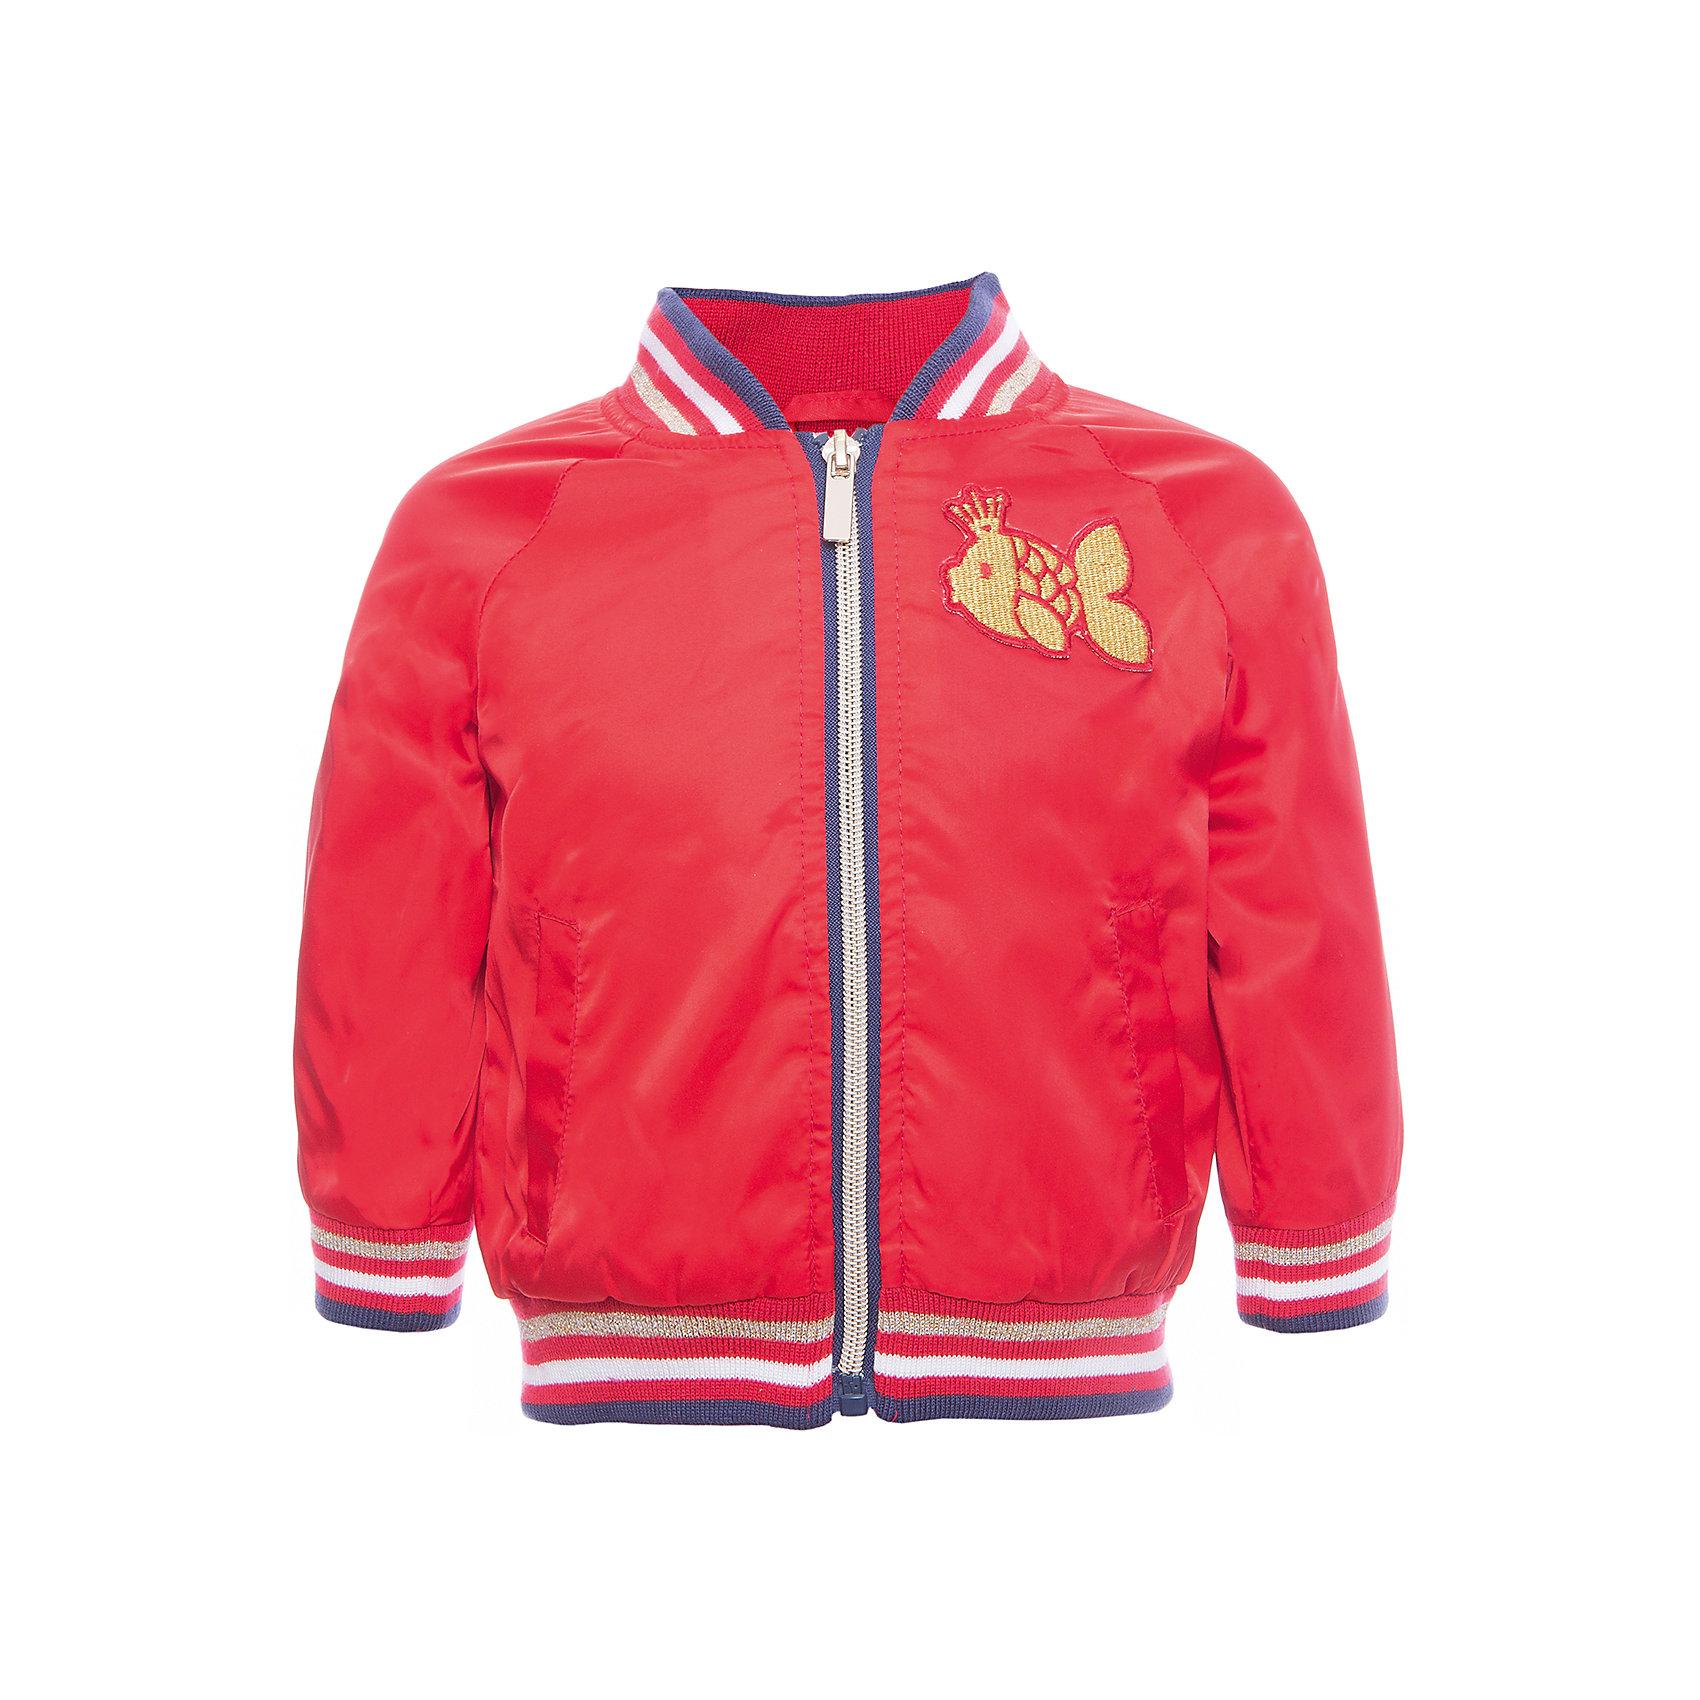 Куртка для девочки PlayTodayВерхняя одежда<br>Характеристики товара:<br><br>• цвет: красный<br>• состав: 100% полиэстер, подкладка: 65% полиэстер, 35% хлопок<br>• принт<br>• с водоотталкивающей пропиткой<br>• мягкие манжеты<br>• карманы<br>• температурный режим: от +10° до +20° С<br>• комфортная посадка<br>• коллекция: весна-лето 2017<br>• страна бренда: Германия<br>• страна производства: Китай<br><br>Популярный бренд PlayToday выпустил новую коллекцию! Вещи из неё продолжают радовать покупателей удобством, стильным дизайном и продуманным кроем. Дети носят их с удовольствием. <br>Такая стильная модель обеспечит ребенку комфорт благодаря качественному материалу и продуманному крою. В составе ткани подкладки - натуральный хлопок, который позволяет коже дышать и не вызывает аллергии.<br>PlayToday - это линейка товаров, созданная специально для детей. Дизайнеры учитывают новые веяния моды и потребности детей. Порадуйте ребенка обновкой от проверенного производителя!<br><br>Куртку для девочки от известного бренда PlayToday можно купить в нашем интернет-магазине.<br><br>Ширина мм: 356<br>Глубина мм: 10<br>Высота мм: 245<br>Вес г: 519<br>Цвет: белый<br>Возраст от месяцев: 12<br>Возраст до месяцев: 15<br>Пол: Женский<br>Возраст: Детский<br>Размер: 80,74,92,86<br>SKU: 5603826